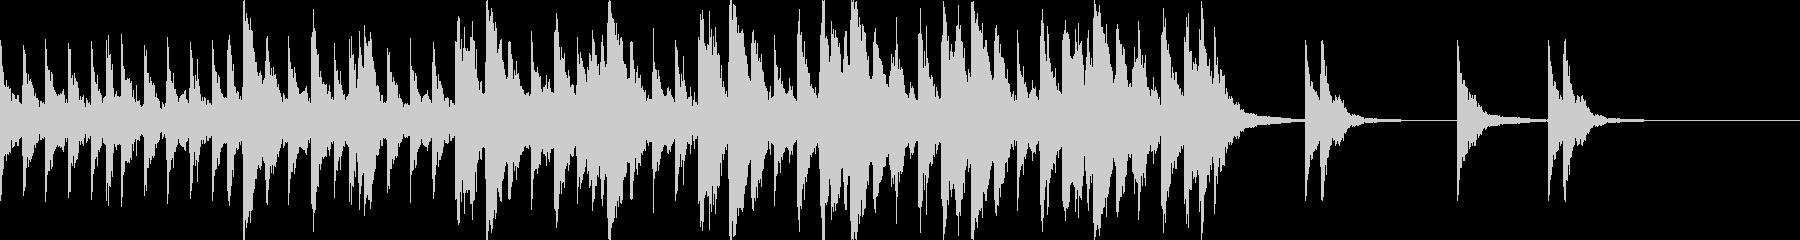 ハリウッド系の戦闘シーンの曲2の未再生の波形